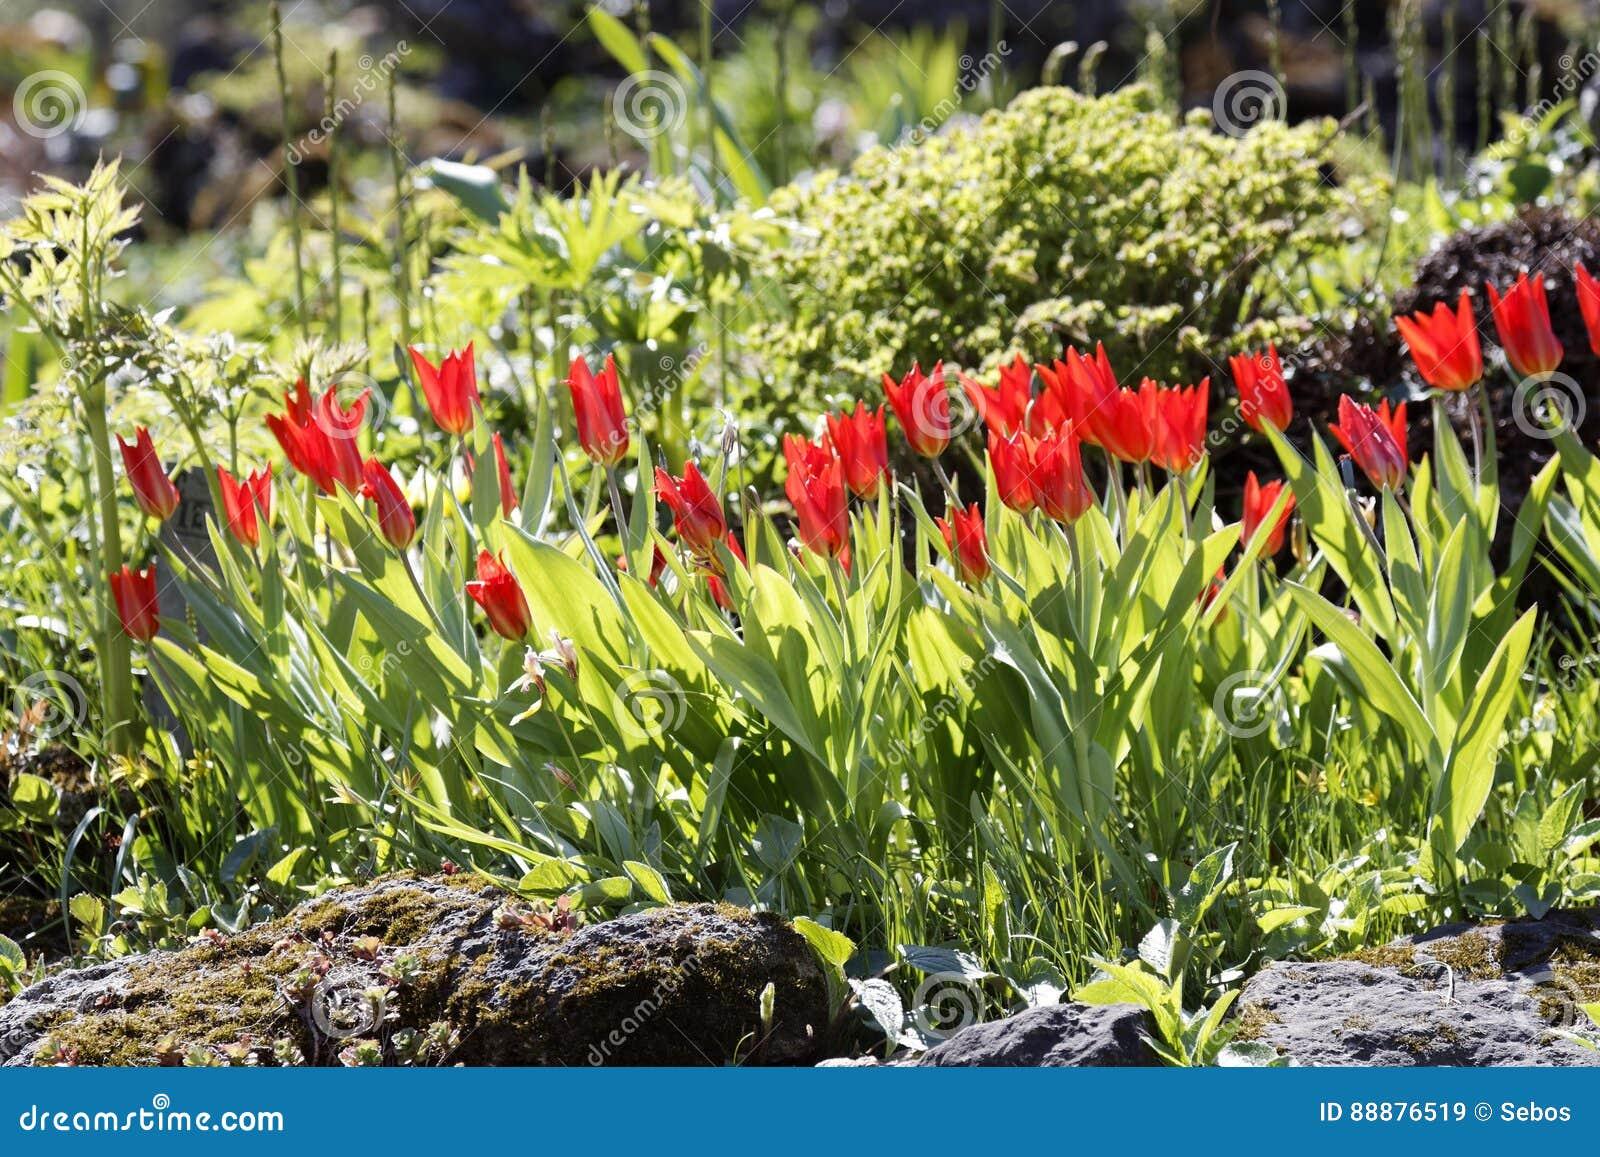 Tulipes sur le parterre fleurs dans le jardin photo stock for Fleurs dans le jardin